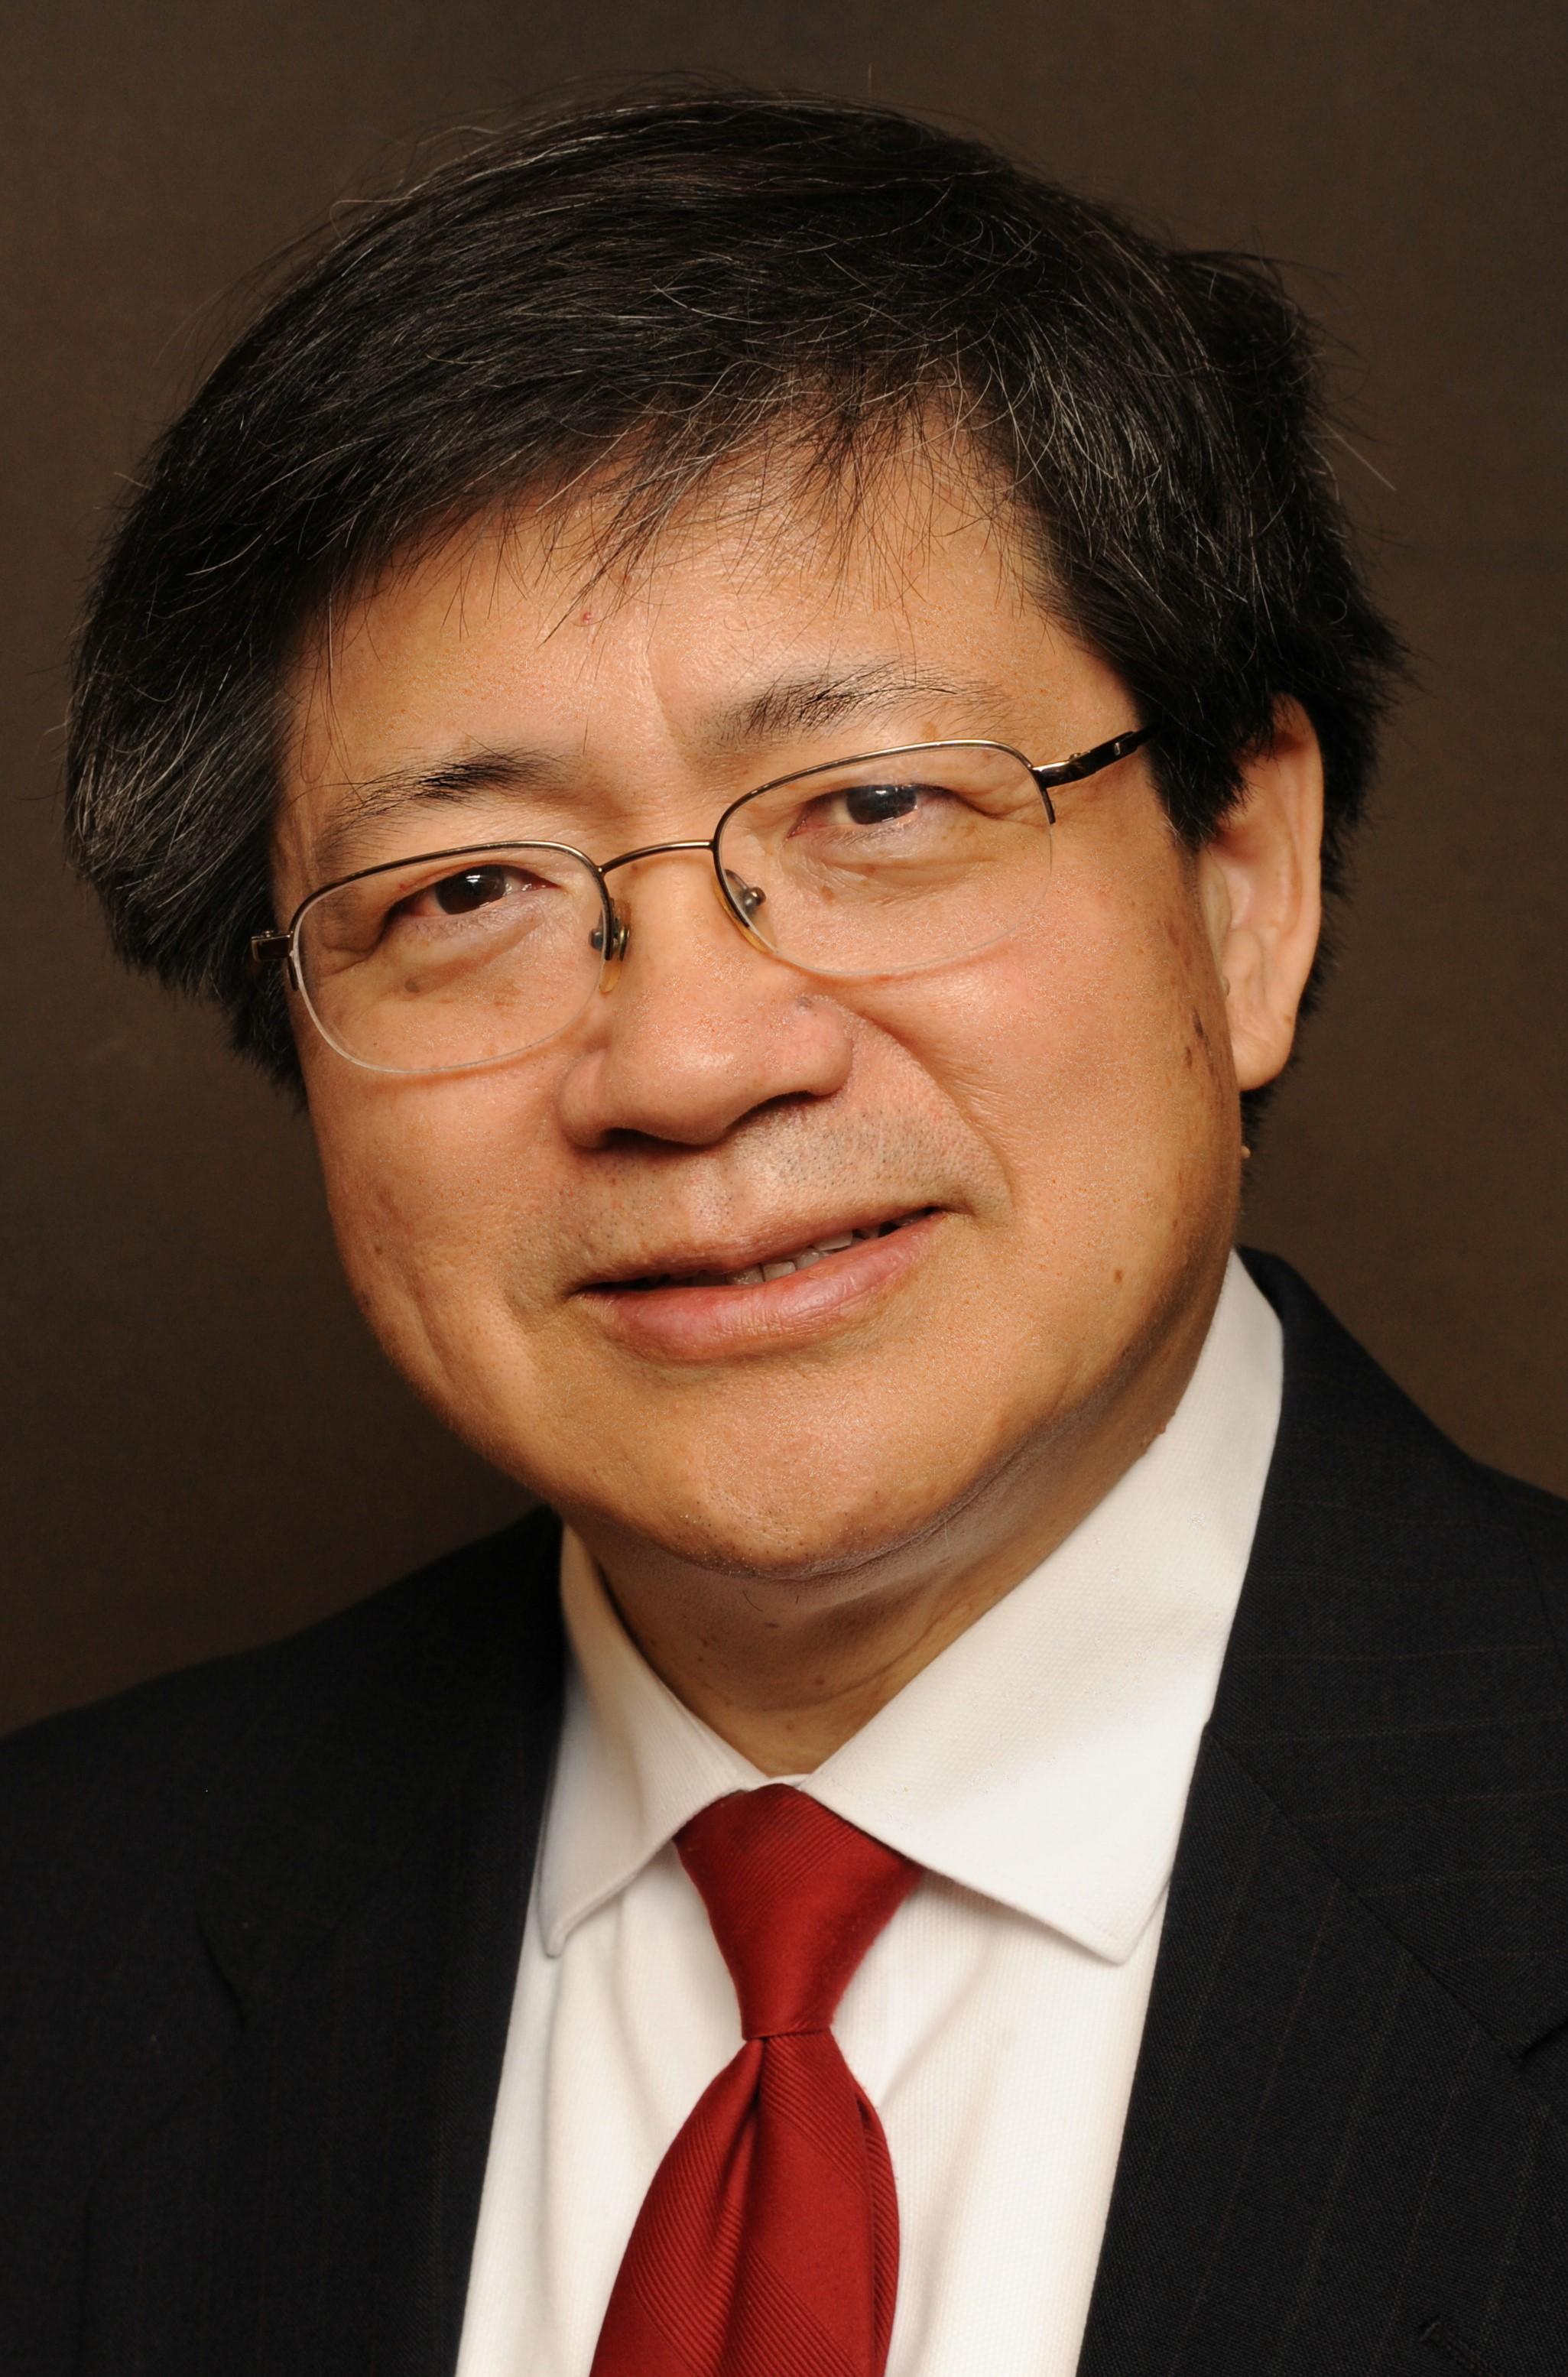 Cheng-photo (2)